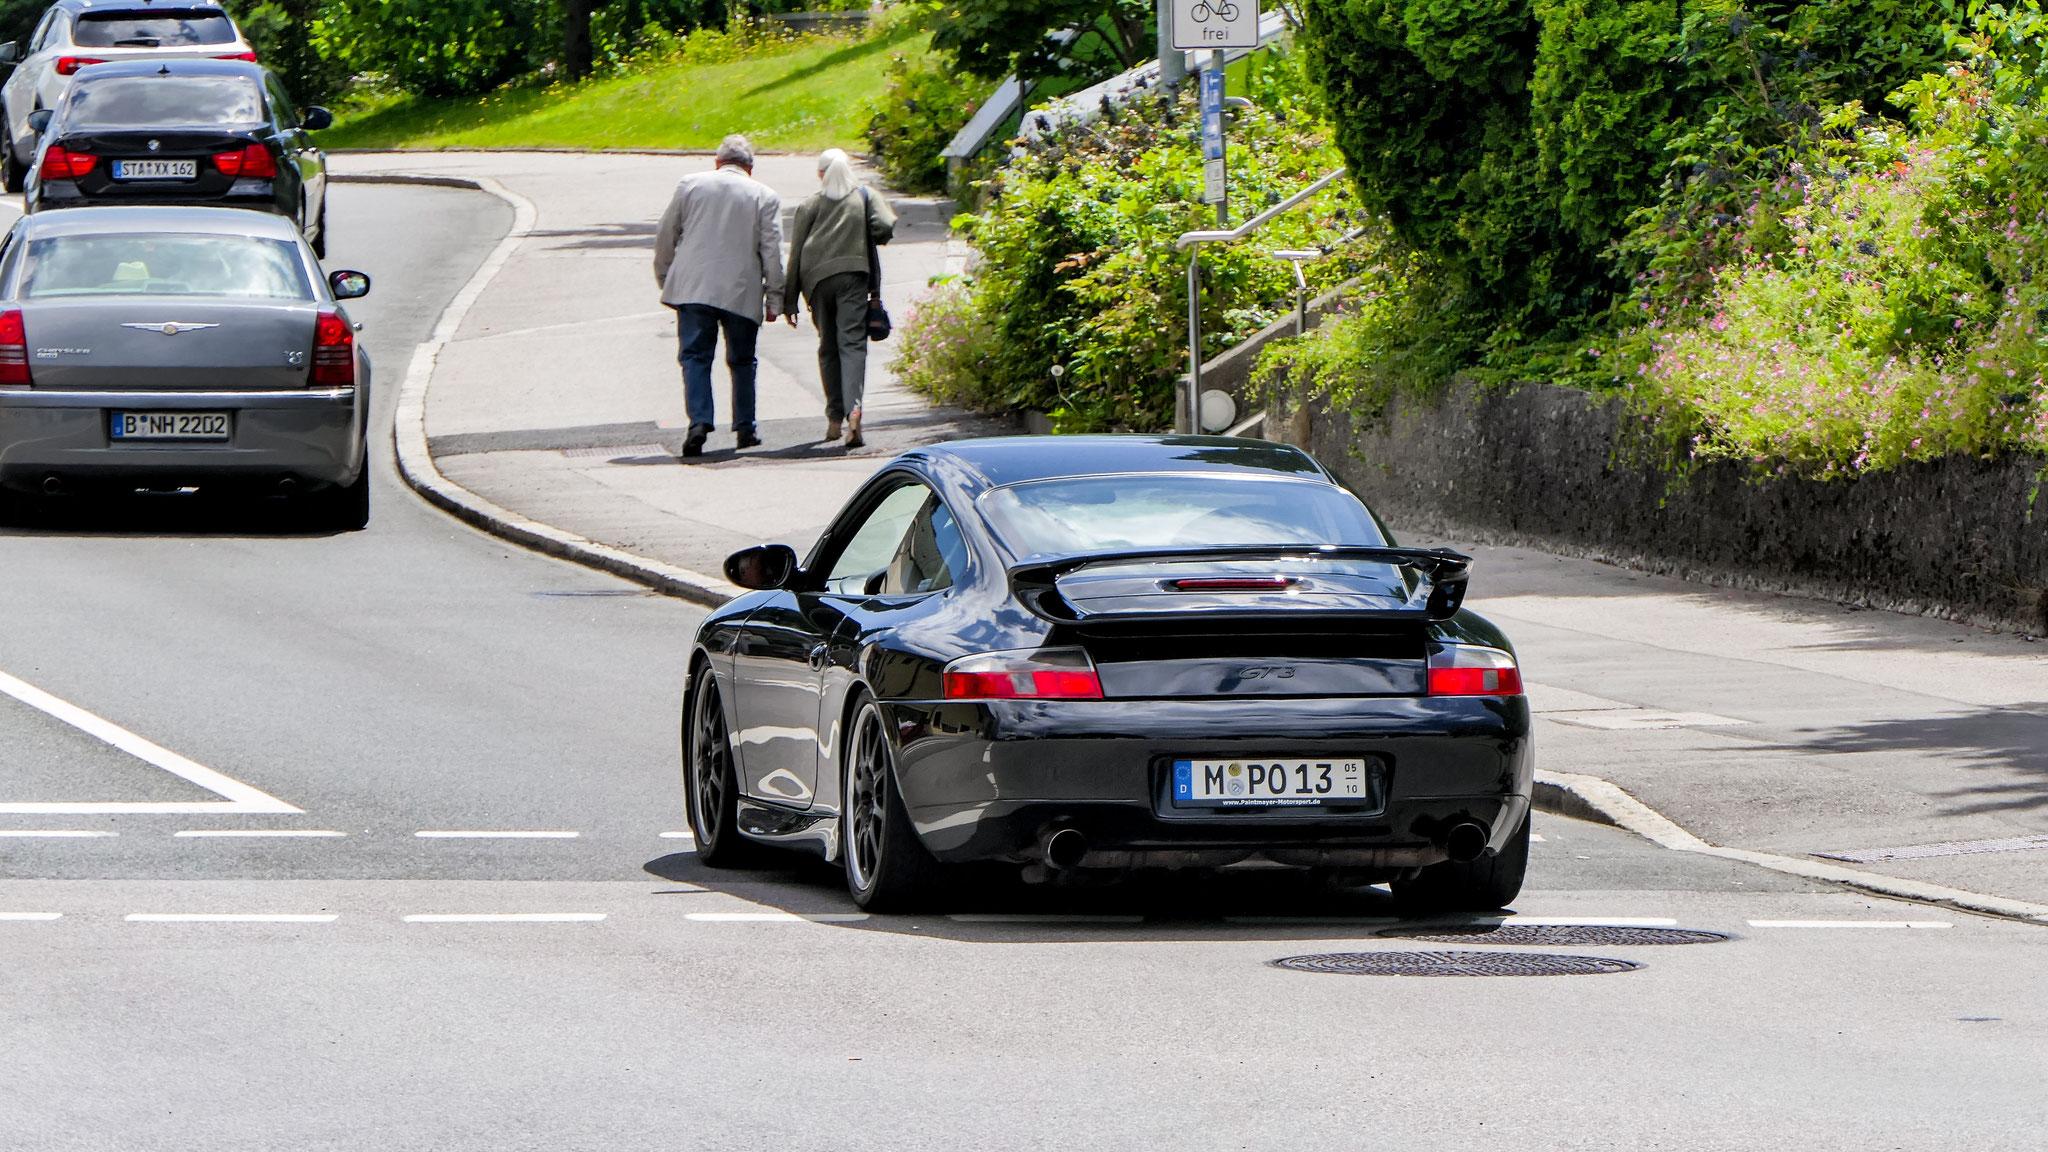 Porsche GT3 996 - M-PO-13